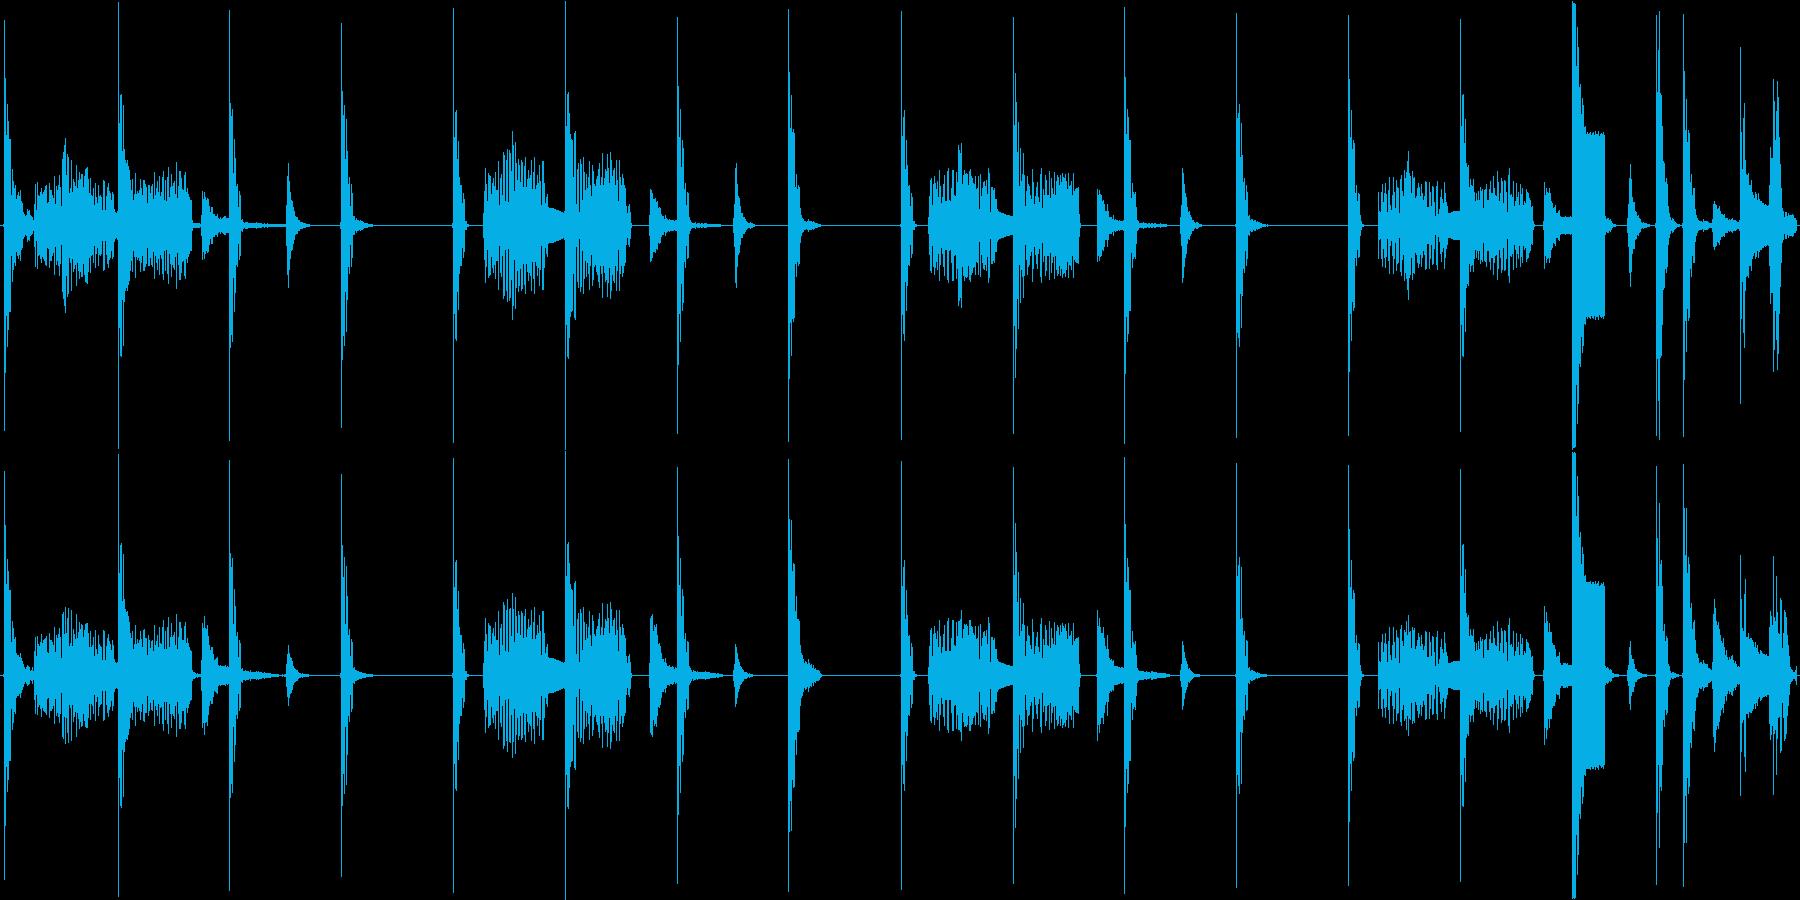 かわいらしい電子音で構成されたループ楽曲の再生済みの波形